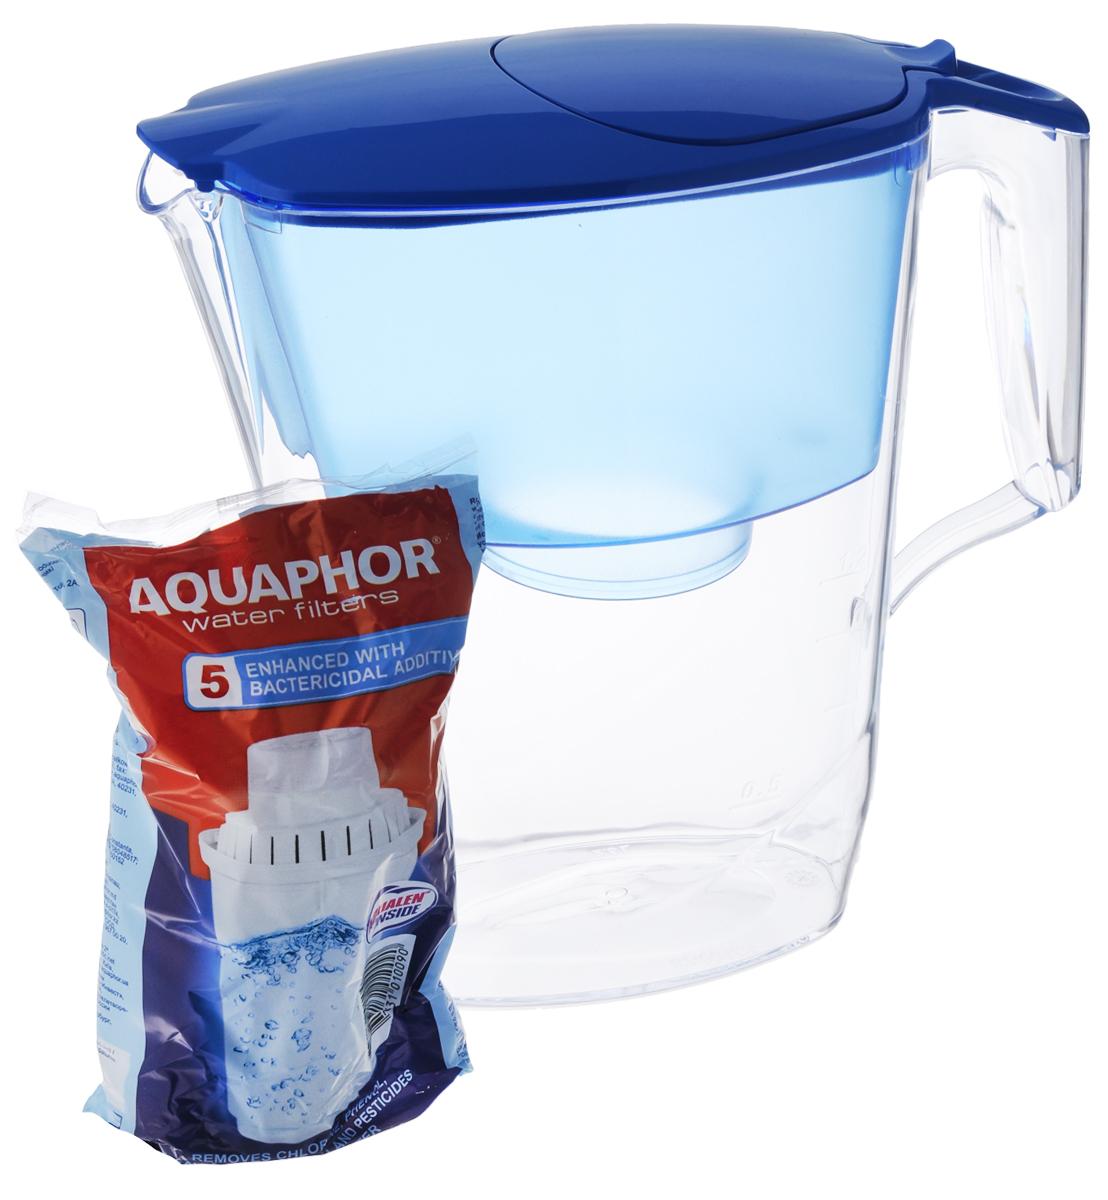 Фильтр-кувшин для воды Аквафор Ультра, цвет: прозрачный, голубой, 2,5 лФильтр-кувшин Барьер Экстра цвет: индигоФильтр-кувшин Аквафор Ультра позволяет иметь под рукойдовольно большое количество очищенной воды, готовой киспользованию. Объем кувшина - 2,5 л, объем воронки - 1,1 л. Используется универсальный сменный фильтрующий модульВ100-5, усиленный бактерицидной добавкой.Компания Аквафор создавалась каквысокотехнологическая производственная фирма, охватывающаявсе стадии создания продукции от научных иконструкторских разработок до изготовления конечнойпродукции. Основное правило Аквафор - стабильно высокоекачество продукции и высокие технологии, поэтомутехническое обновление производства происходит каждые 3-4года, для чего покупаются новые модели машин и аппаратов.Собственное производство уникальных сорбентов и постоянныйконтроль на всех этапах производства позволяют Аквафорувыпускать высококачественный продукт, известность которого нарынке быстро растет. Материал: пластик. Общий размер фильтр-кувшина: 25 х 10 х 24,5 см. Комплектация: кувшин, воронка, крышка с носиком, 1картридж B100-5. Имеется инструкция по эксплуатации на русском языке.